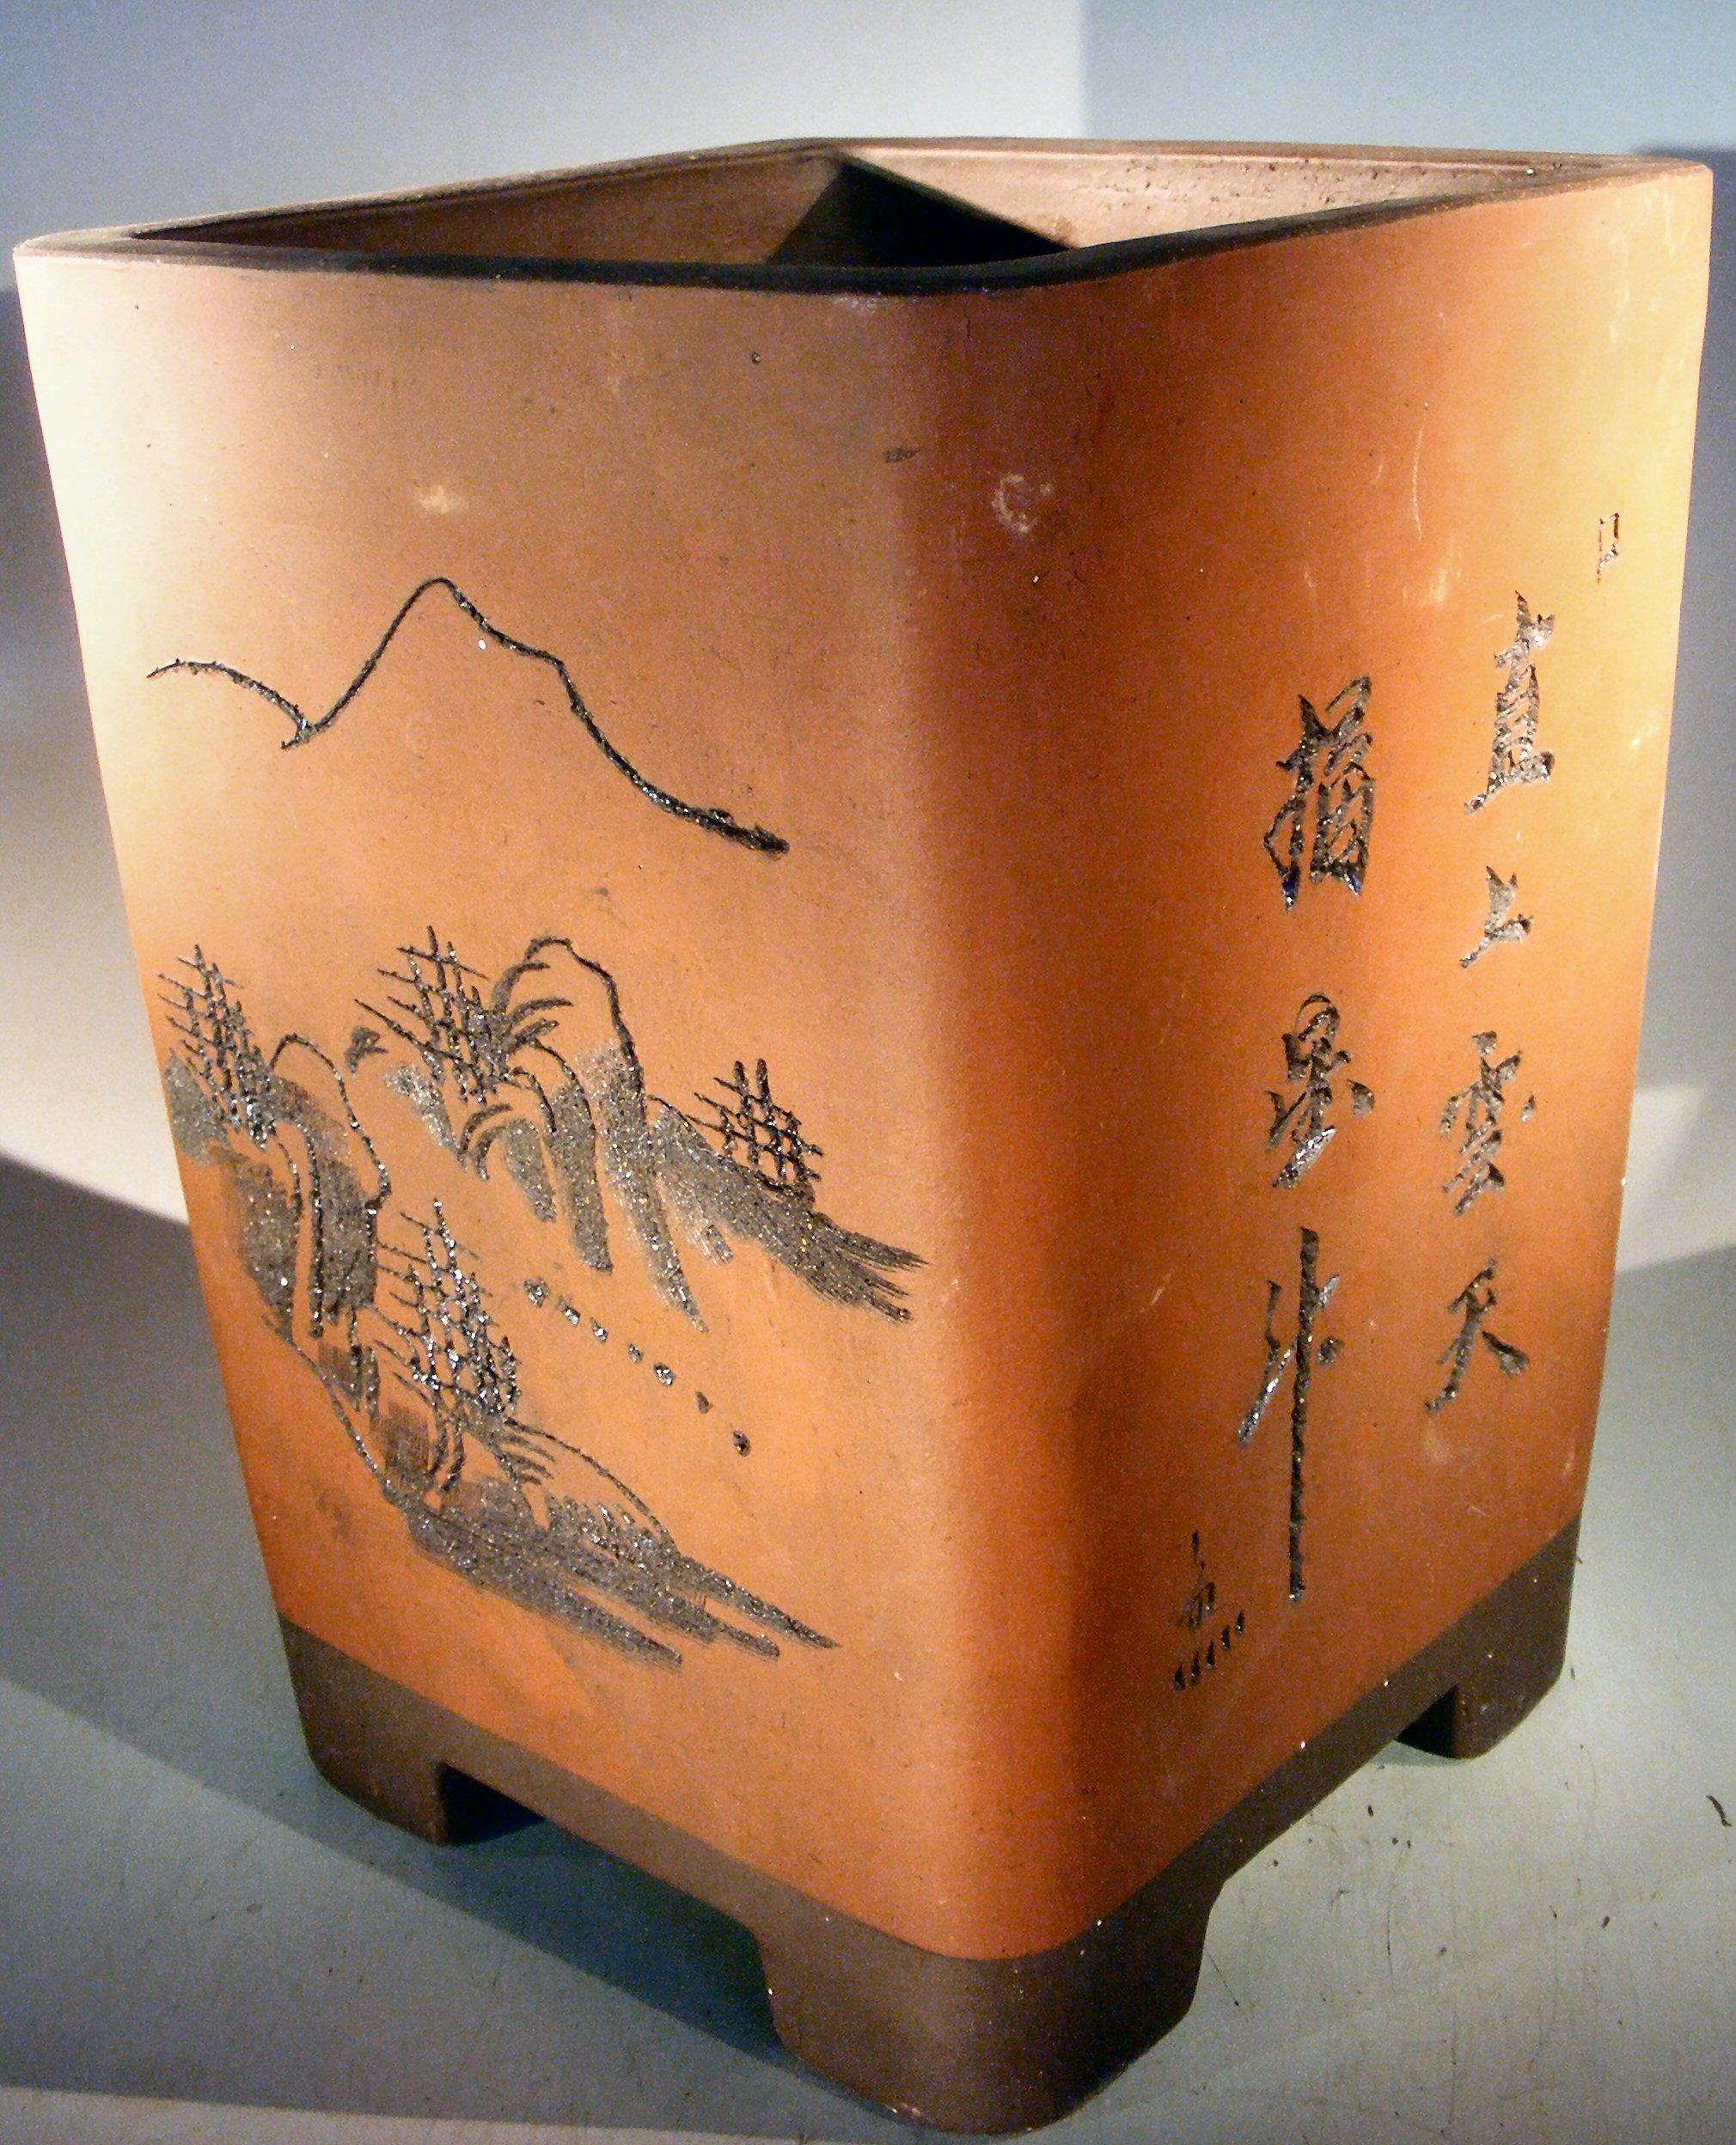 Unglazed Cascade Bonsai Pot With Floral Etching 9 X 9 X 12 25 Od 7 5 X 7 5 X 10 5 Id